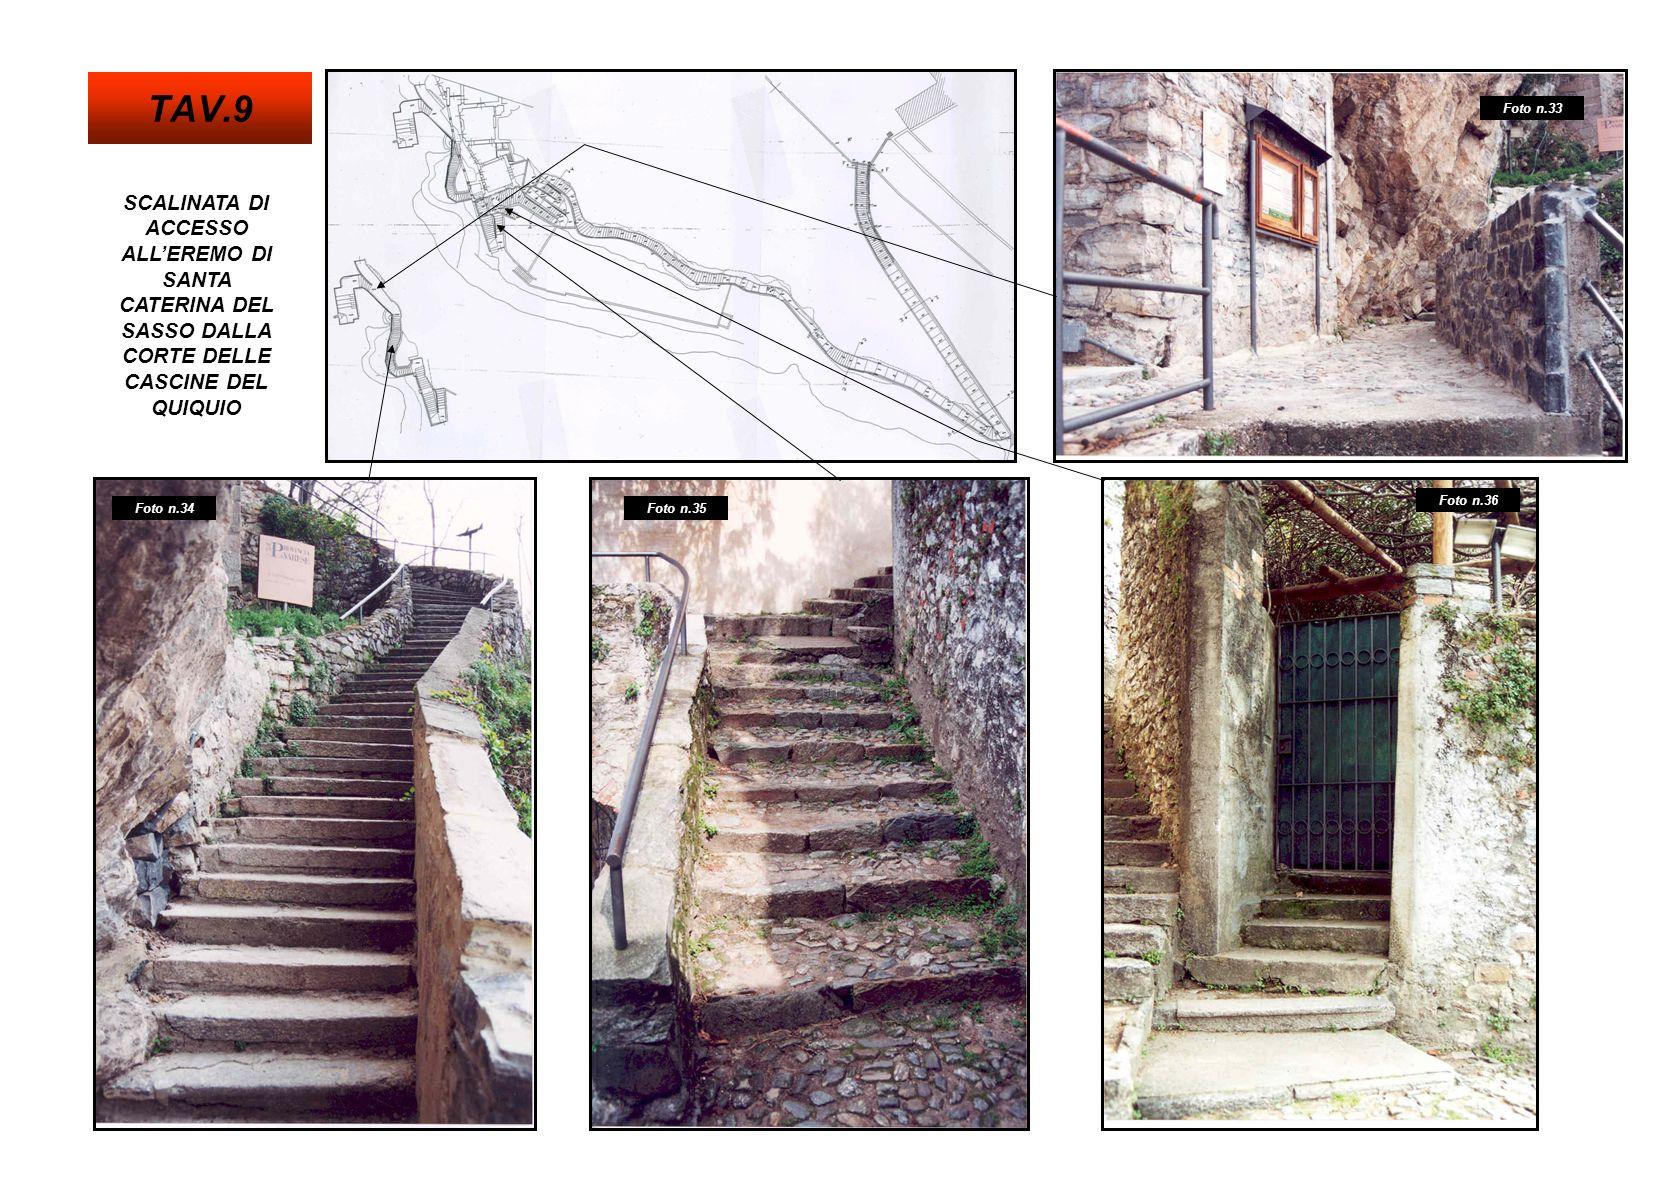 SCALINATA DI ACCESSO ALLEREMO DI SANTA CATERINA DEL SASSO DALLA CORTE DELLE CASCINE DEL QUIQUIO Foto n.38Foto n.40 Foto n.37 Foto n.39 TAV.10